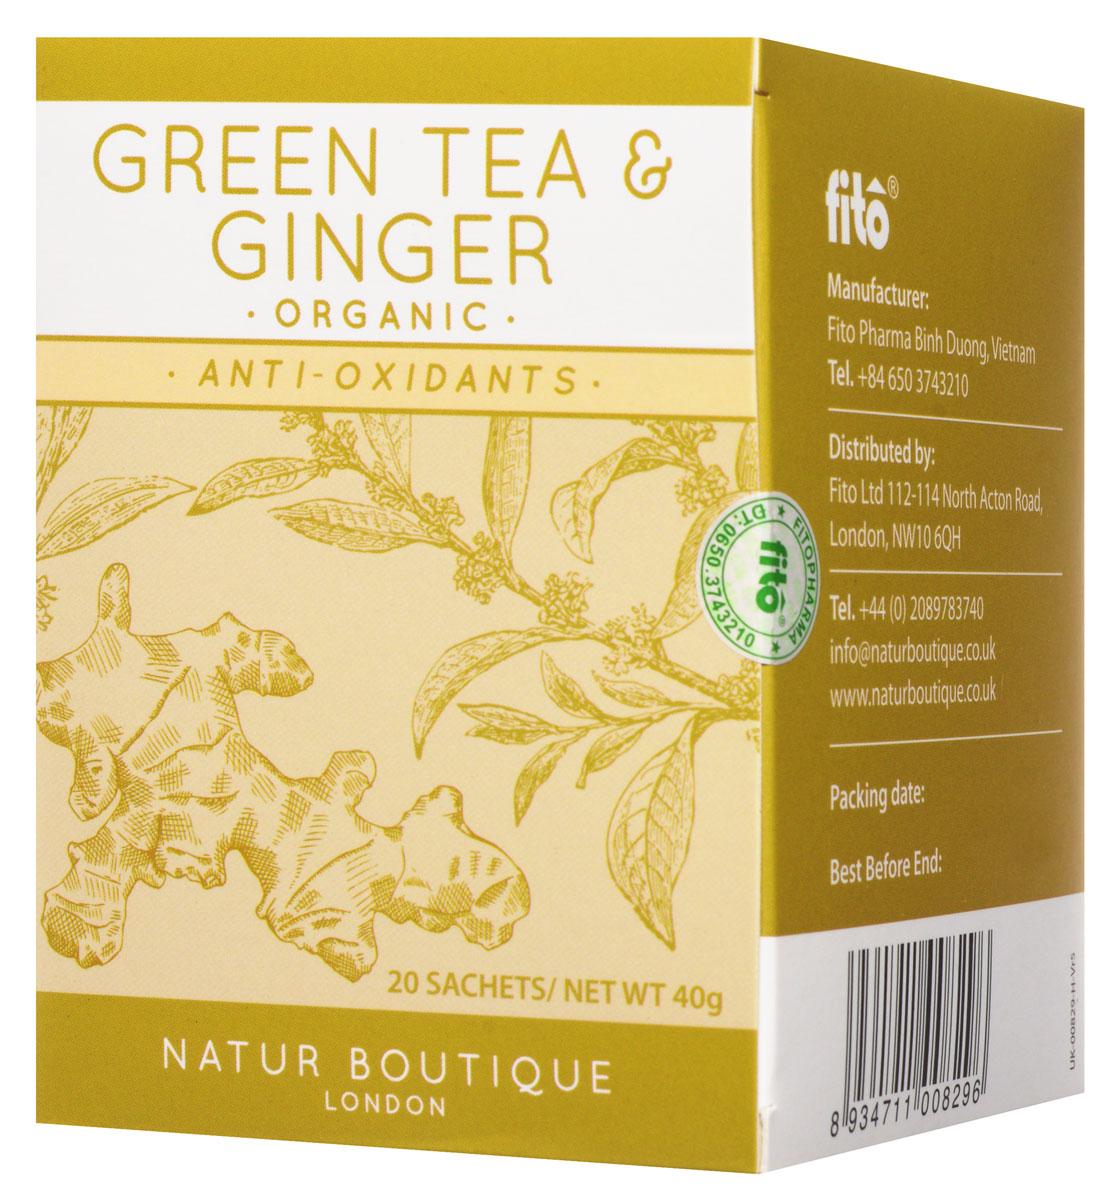 Natur Boutique Green Tea&Ginger Organic Tea органический зеленый чай с имбирем, 20 пакетиков256Органический зеленый чай Natur Boutique Green Tea&Ginger Organic Tea подарит вам отличный освежающий вкус. Выращенный на лучших северных плантациях Вьетнама с использованием самых высококачественных удобрений, он обладает прекрасными целебными свойствами и великолепно сочетает в себе превосходный аромат зеленого чая и имбиря. Производство ведется без использования химических добавок и ароматизаторов, что помогает достигать потрясающего натурального вкуса.В его состав входят только зеленый чай и имбирь. Добавление каких-либо примесей недопустимо. Данный товар имеет огромную пользу для каждого человека, ведь употребление этого чая поспособствует повышению умственных и физических показателей организма, а также значительному улучшению его тонуса. Повышенное содержание антиоксидантов позволяет достигать великолепных результатов и очищать организм от вредоносного воздействия загрязнённой окружающей среды. Natur Boutique также прекрасно восстанавливает метаболизм и корректирует вес, что самым лучшим образом отразится на здоровье каждого человека, а содержащийся в нем имбирь улучшает пищеварение, освежает и отлично помогает при простуде.Всё о чае: сорта, факты, советы по выбору и употреблению. Статья OZON Гид